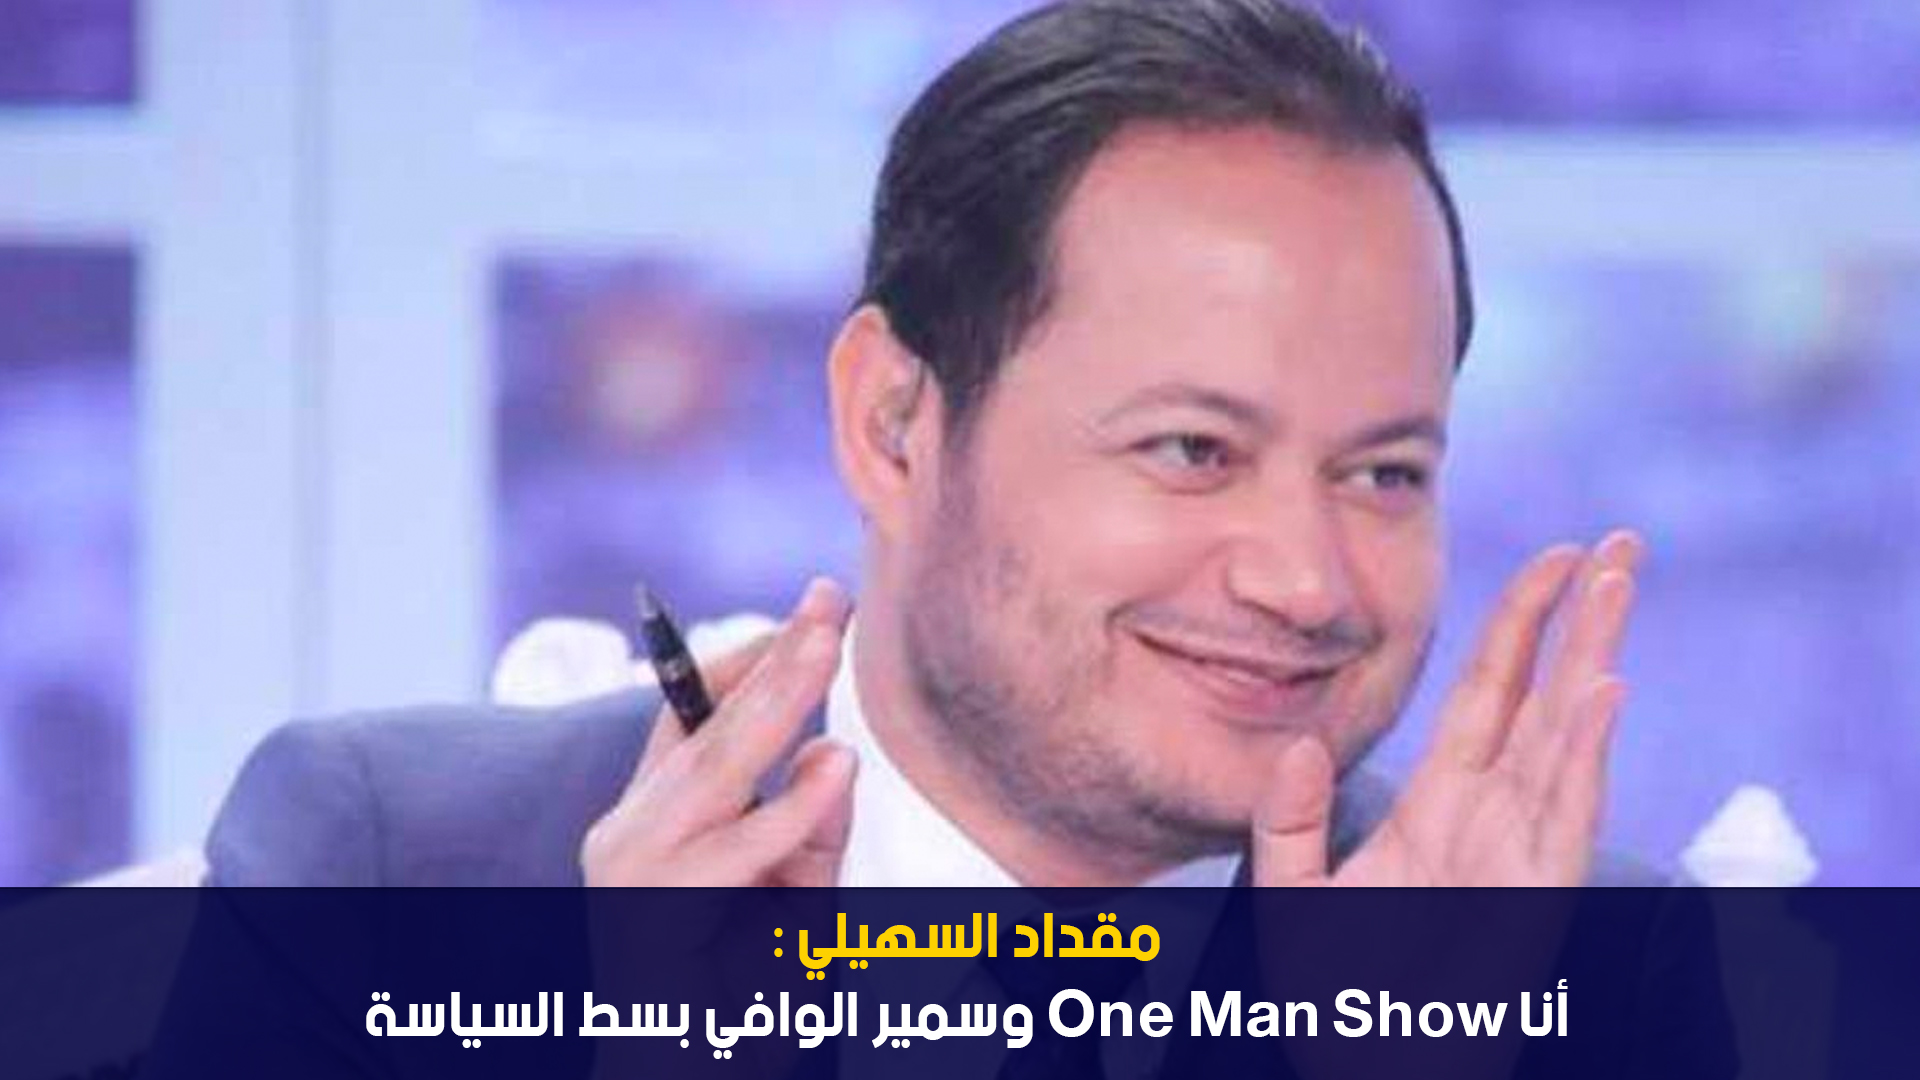 مقداد السهيلي: أنا One Man Show وسمير الوافي بسط السياسة